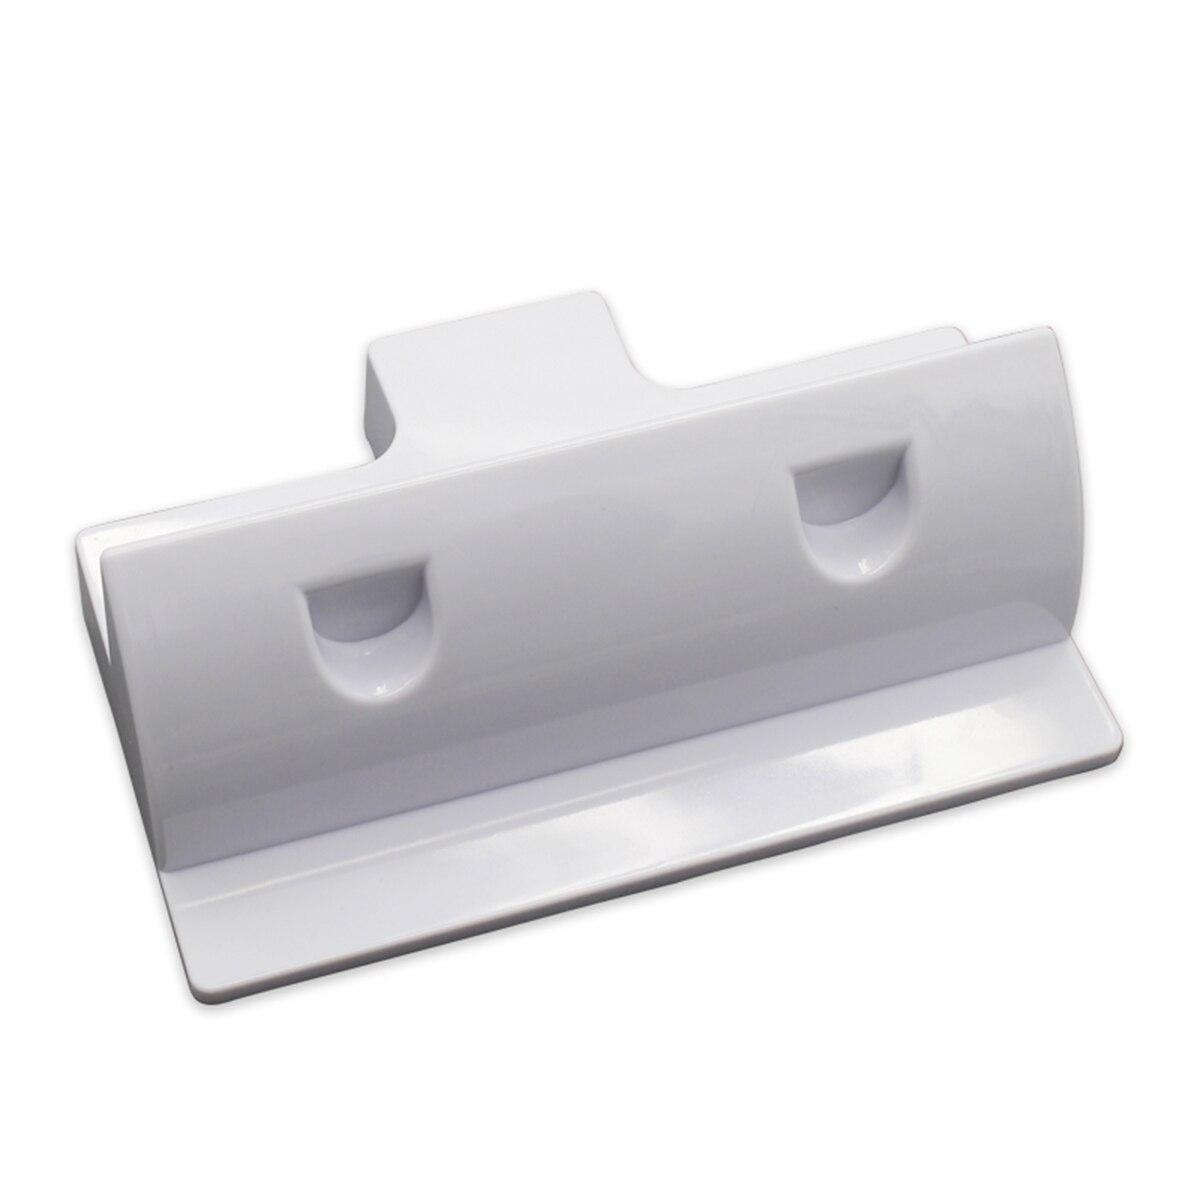 Kit de support de montage de panneau solaire ABS blanc de 7 pièces/ensemble Gand d'entrée de câble idéal pour caravane camping-car - 4